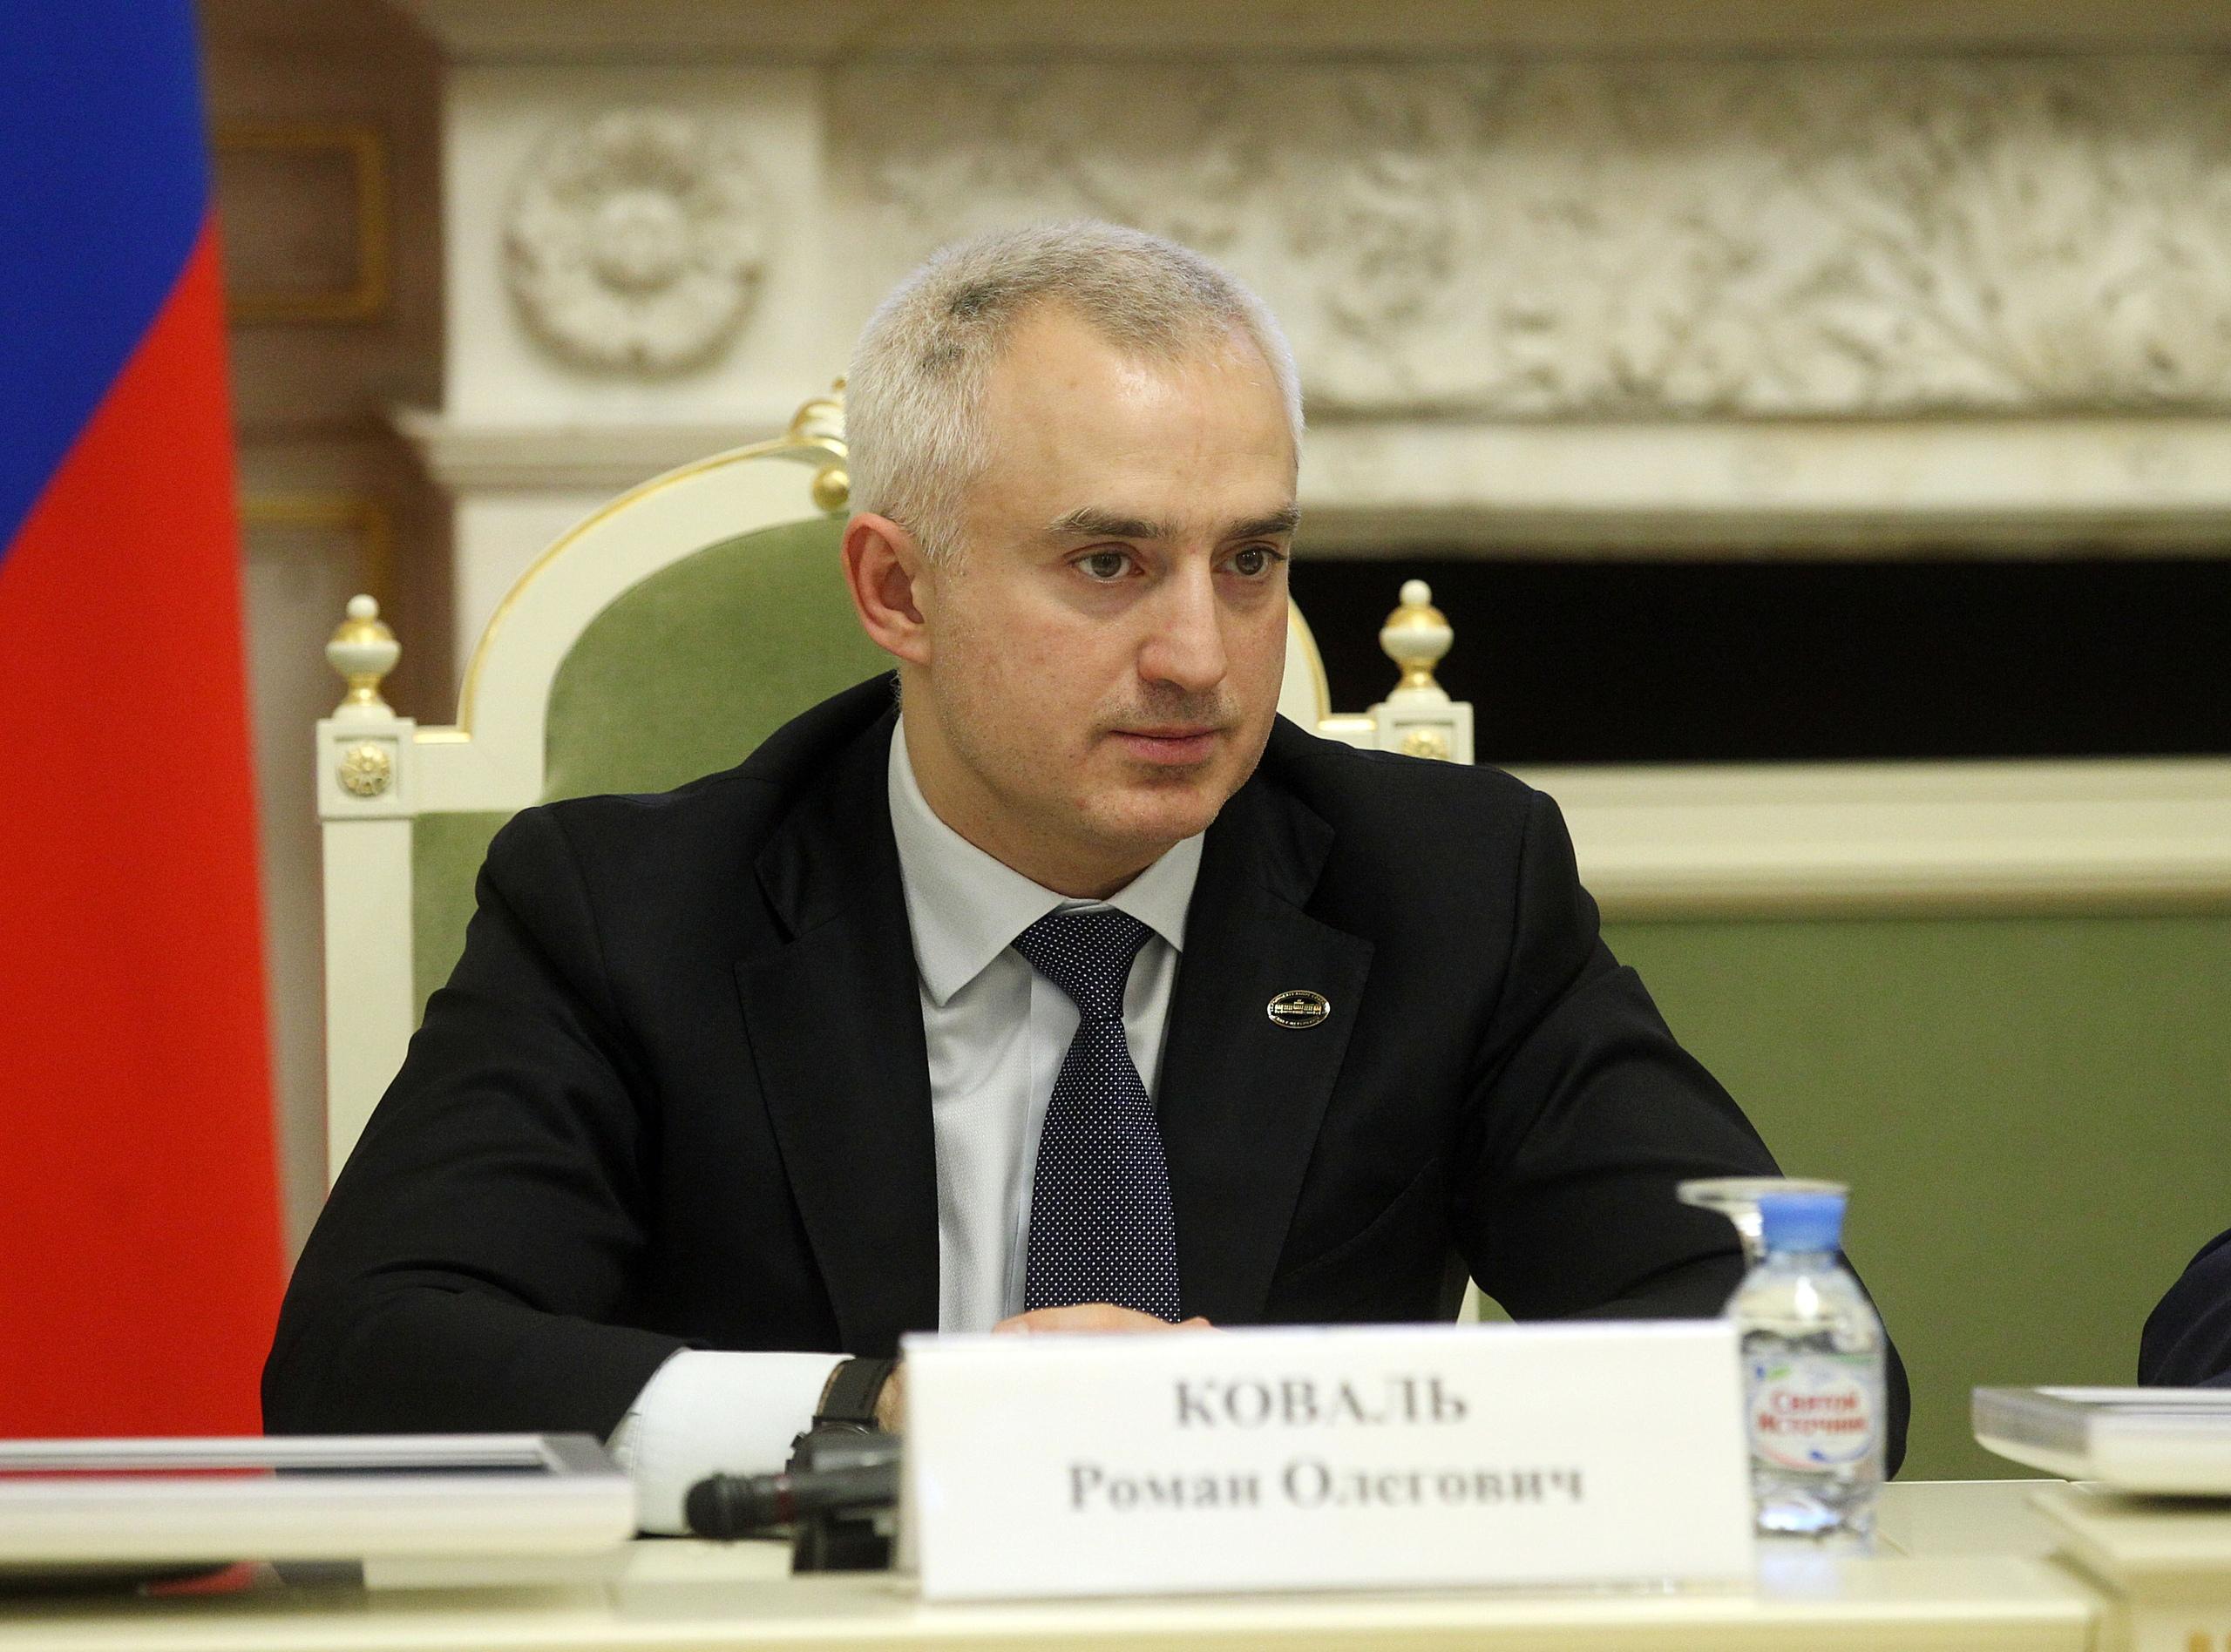 Петербургский депутат Коваль. Фото © vk.com / koval_team